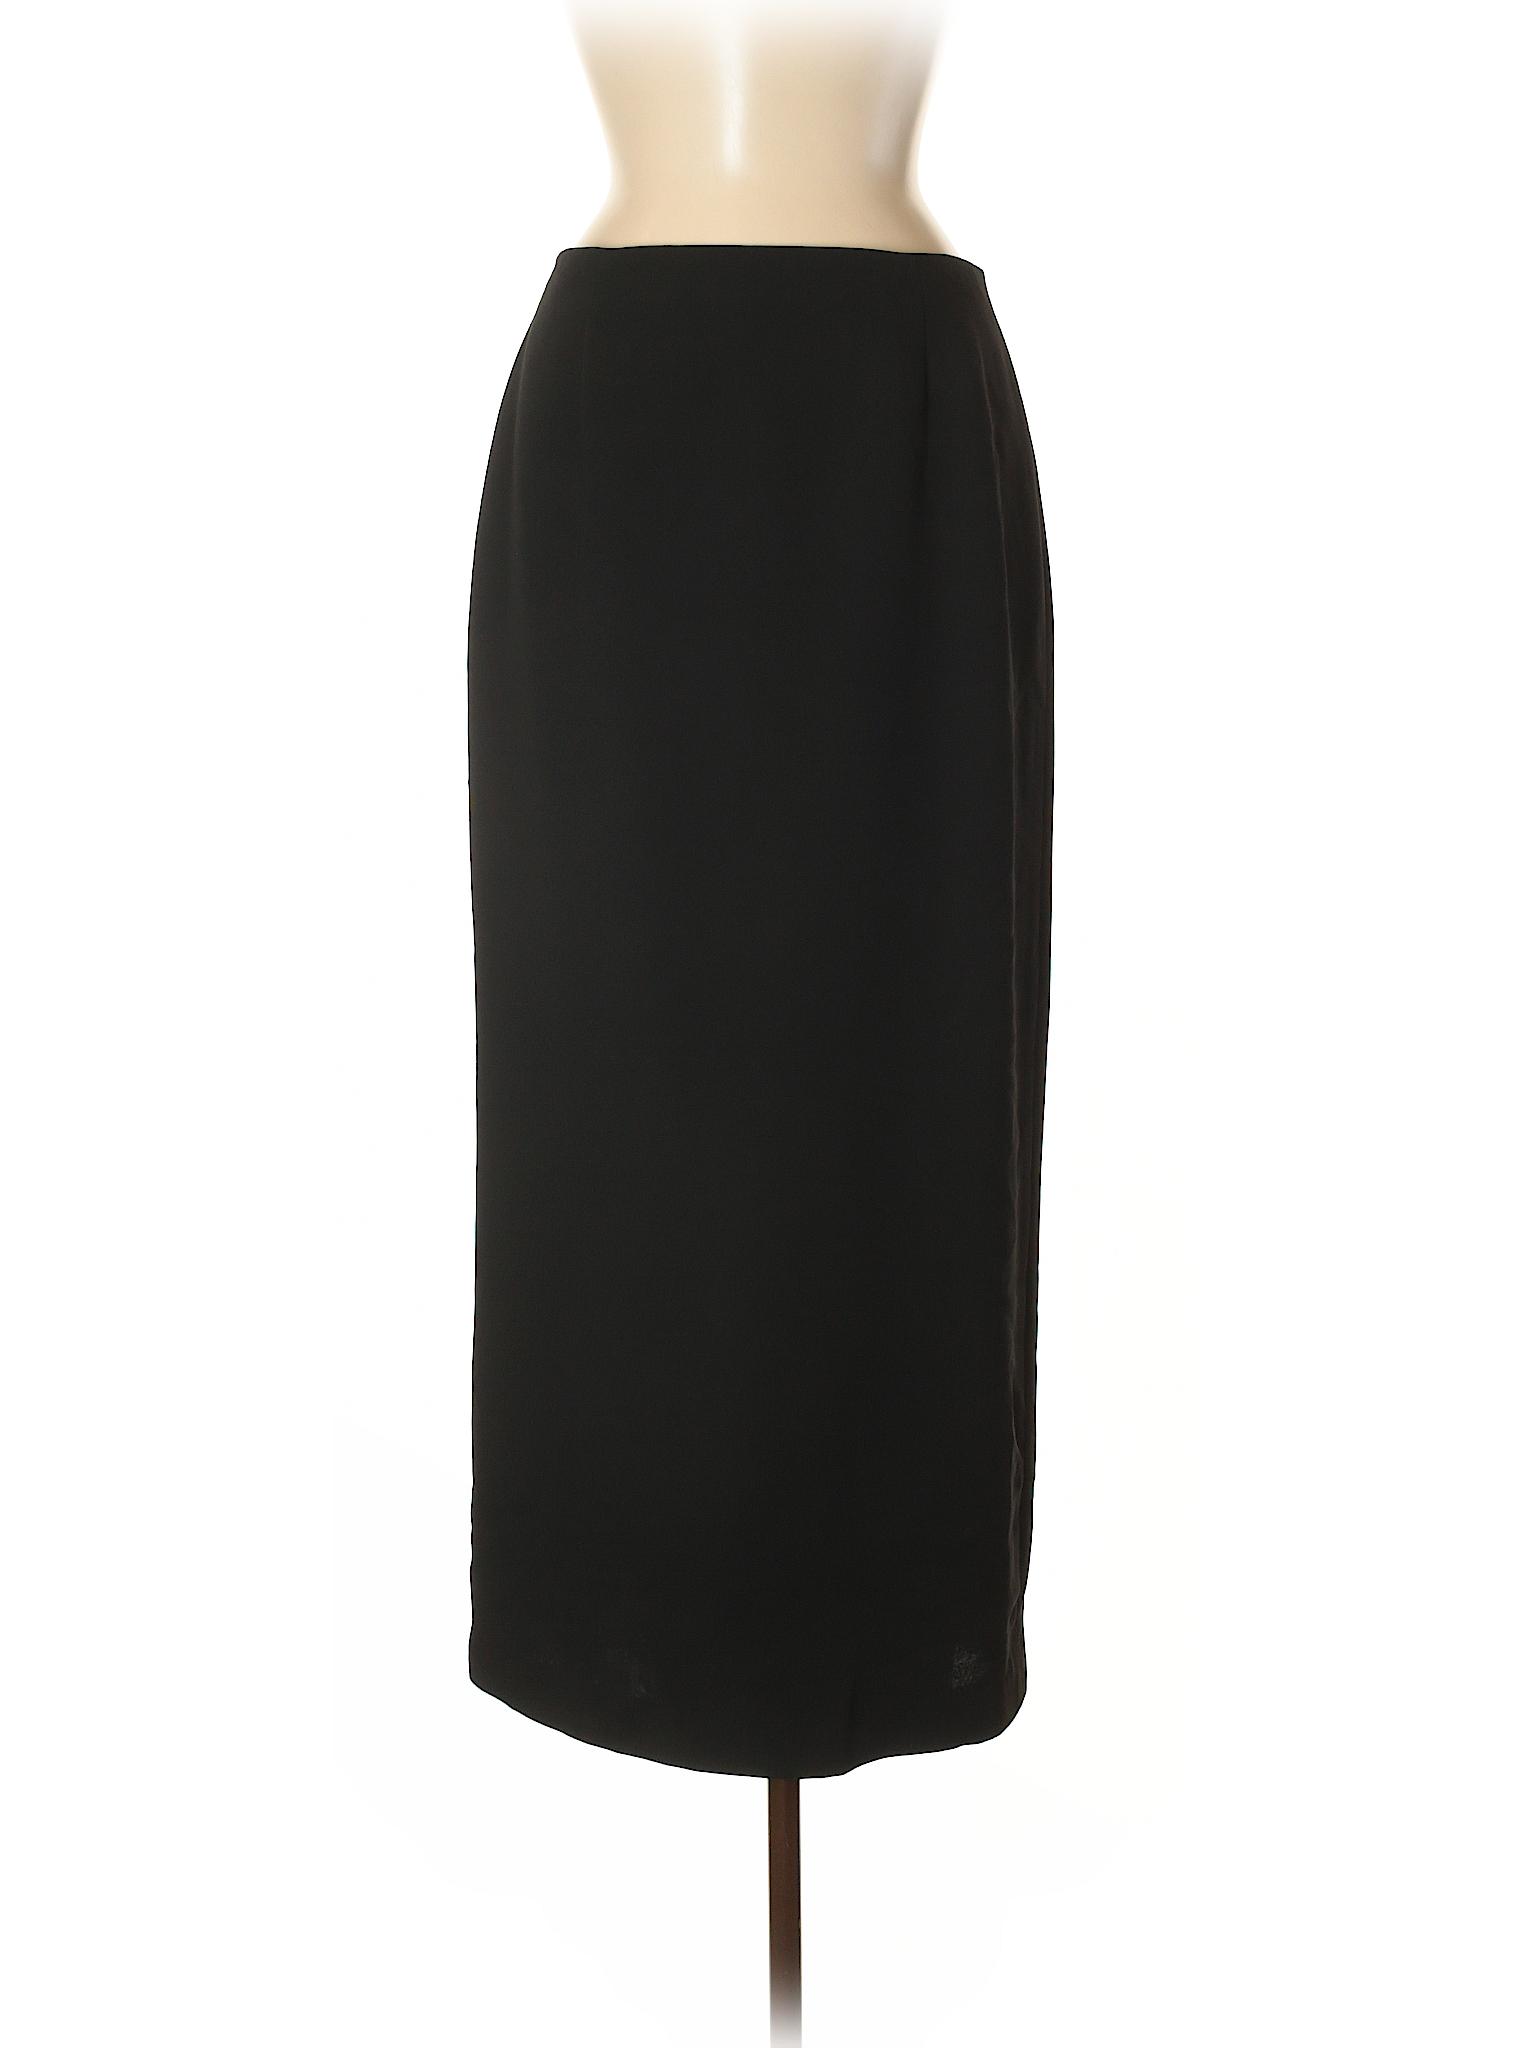 Boutique Casual Skirt Boutique Casual Boutique Skirt Ht5Pnq5